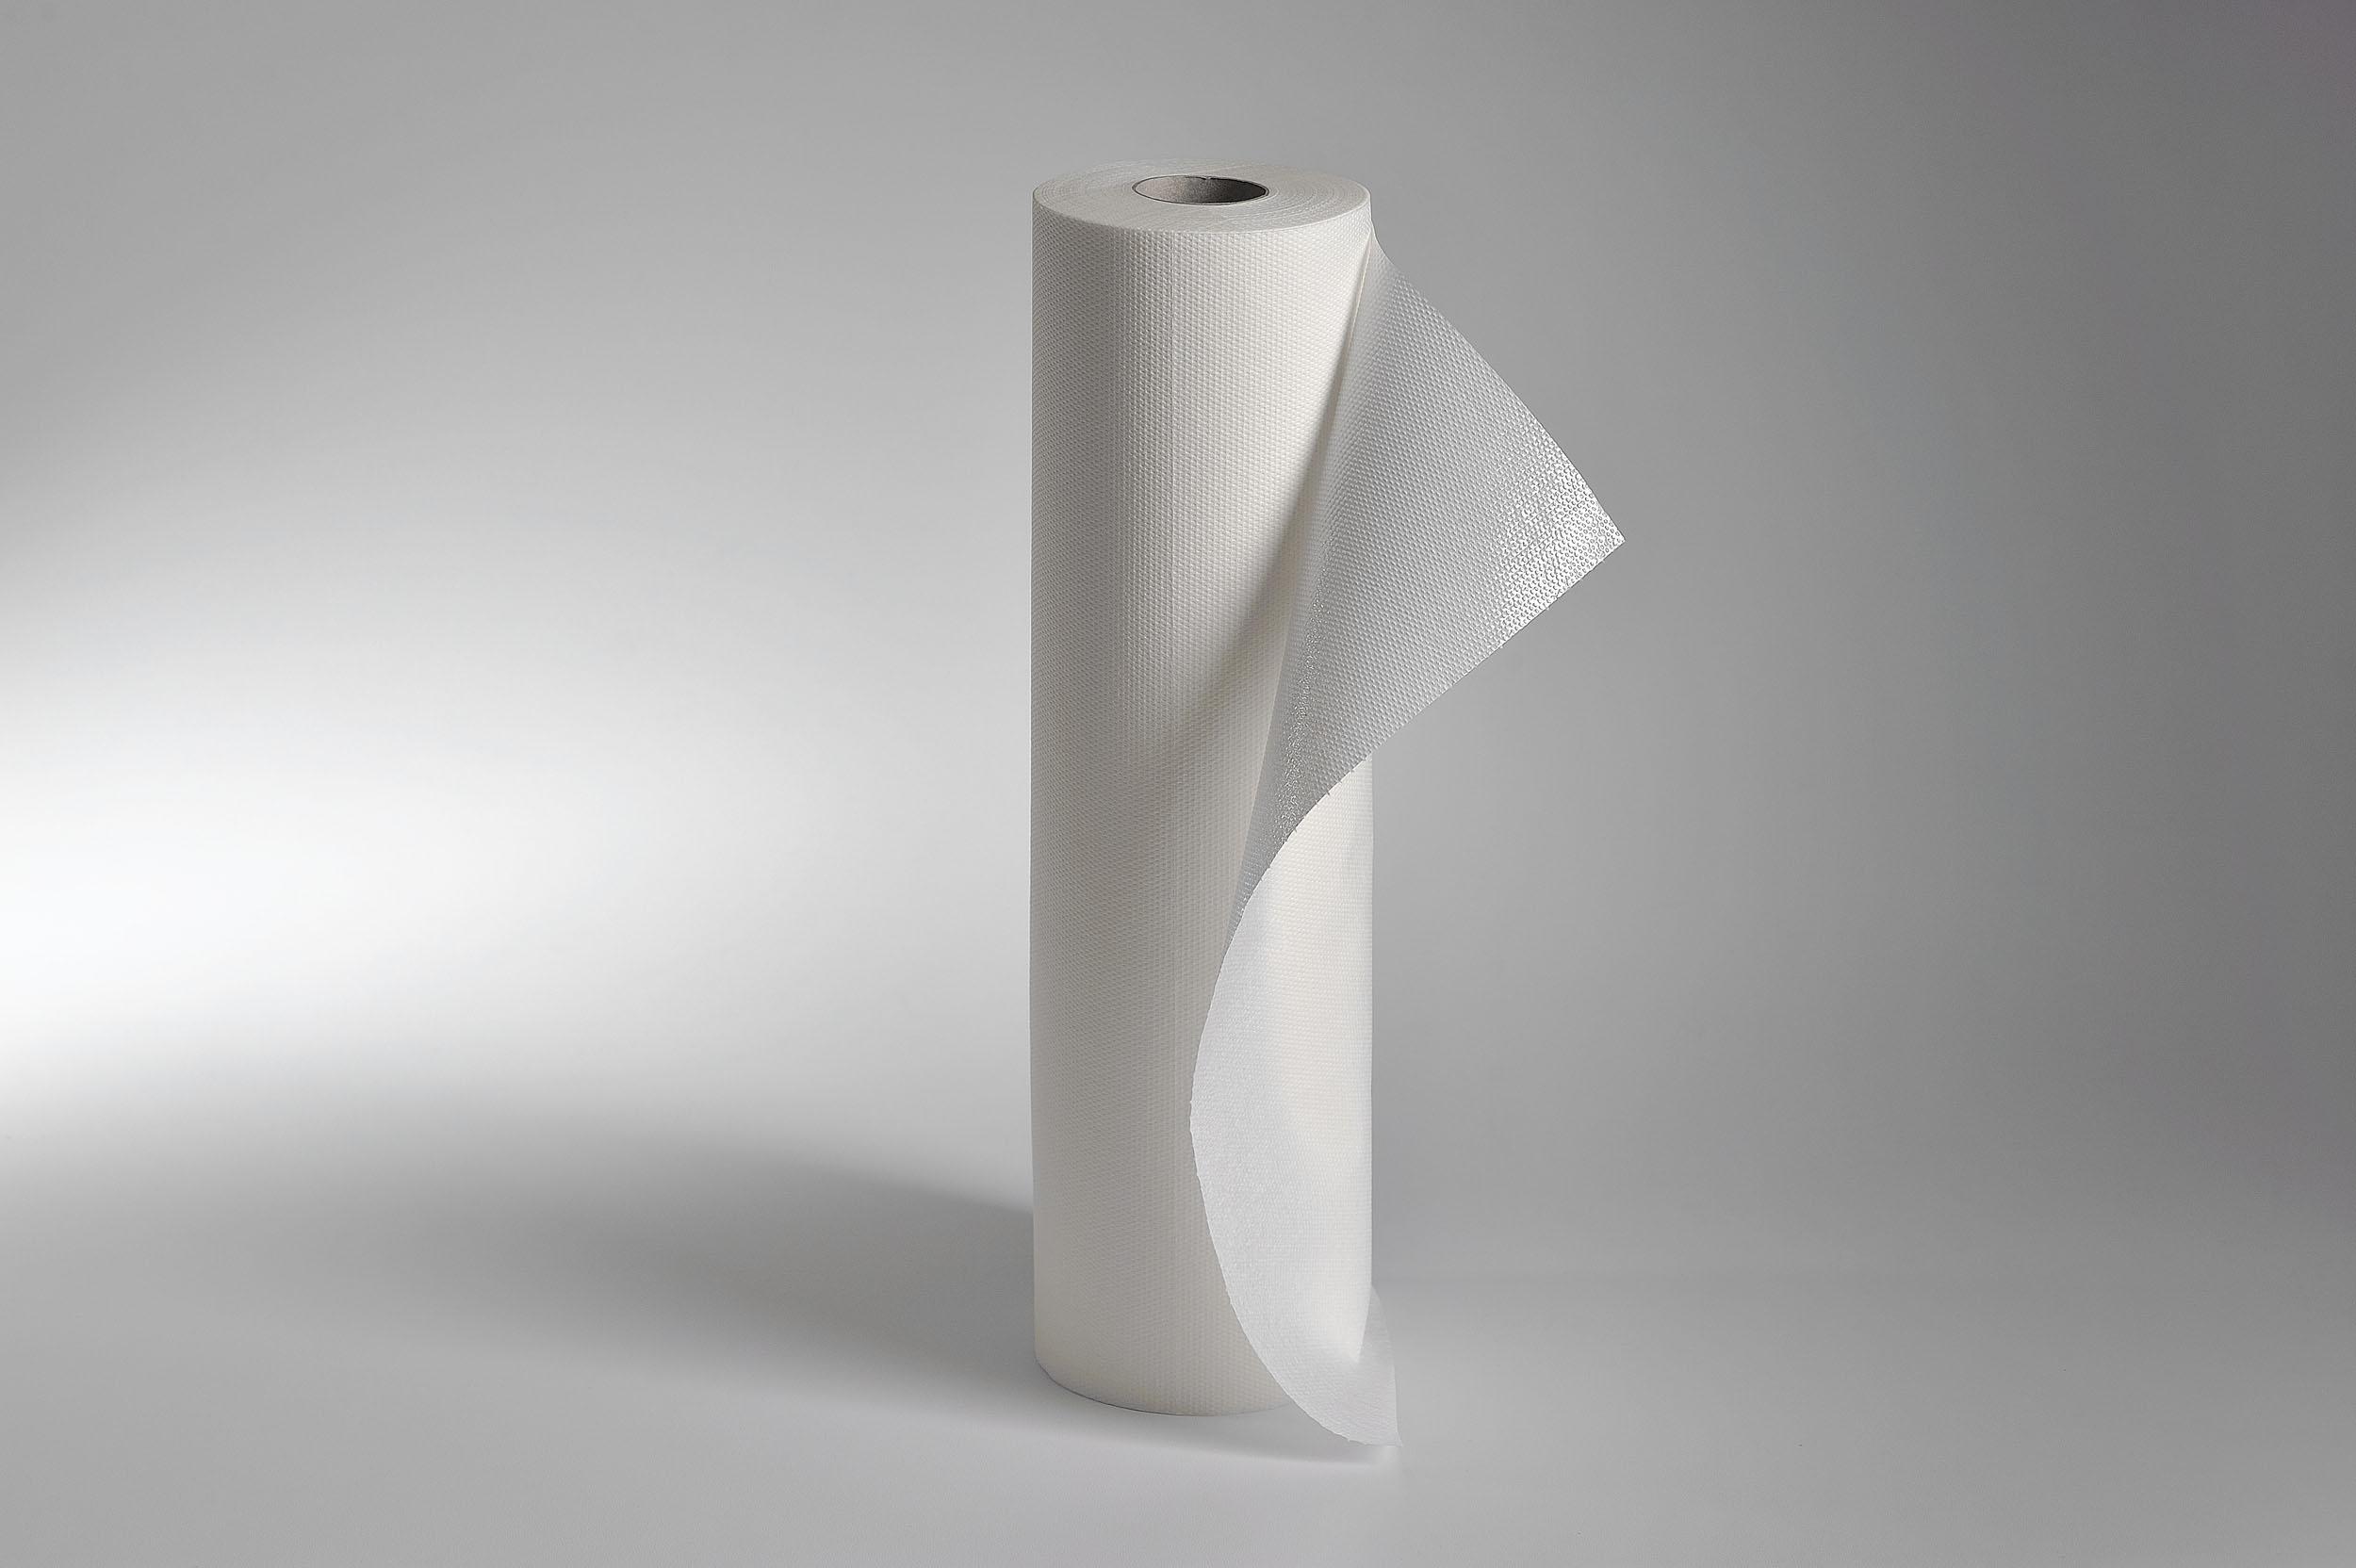 Fripa-Ärztekrepp secura-line, 2-lagig 39 cm x 50 m (6 Rl.), hochweiß, PE-beschichtet